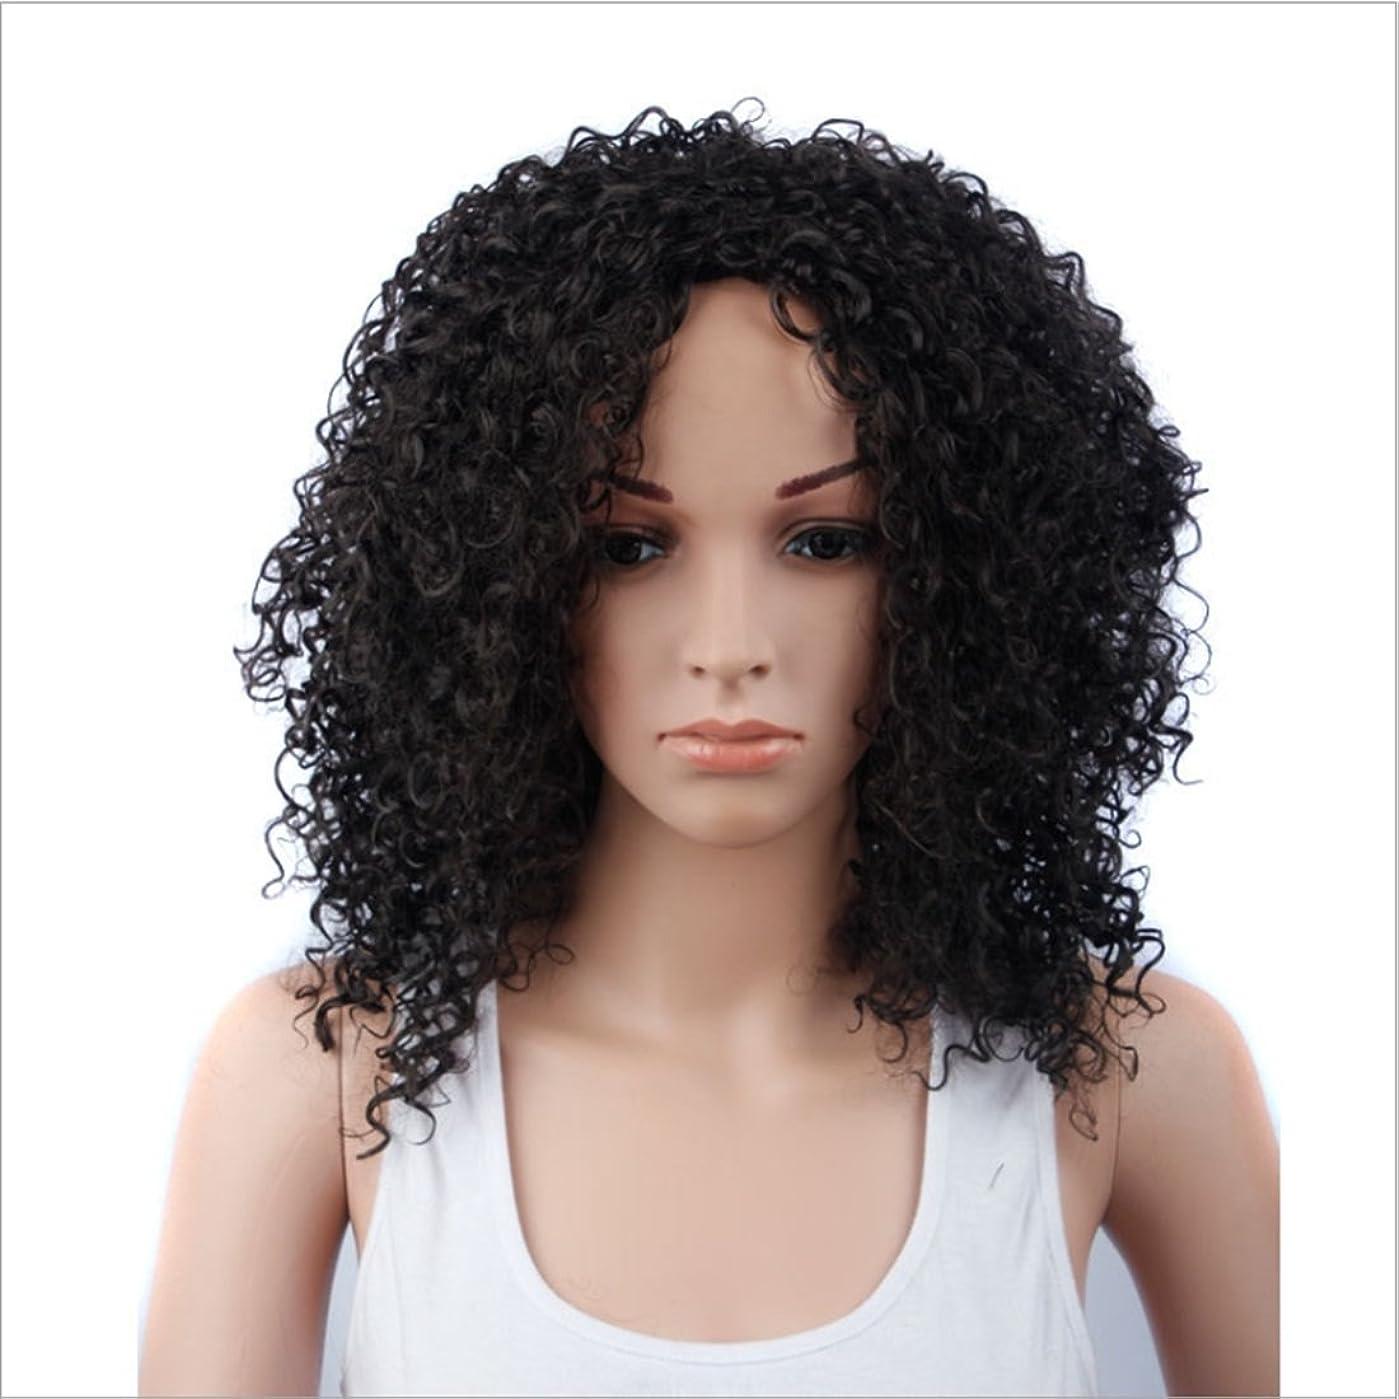 動力学ガスお手入れJIANFU 女性のための15inch合成高温ウィッグロングバンズの短いカーリーウィッグヘアナチュラルカラーウィッグ耐熱性210g(ワインレッド、ブラック) (Color : ブラック)